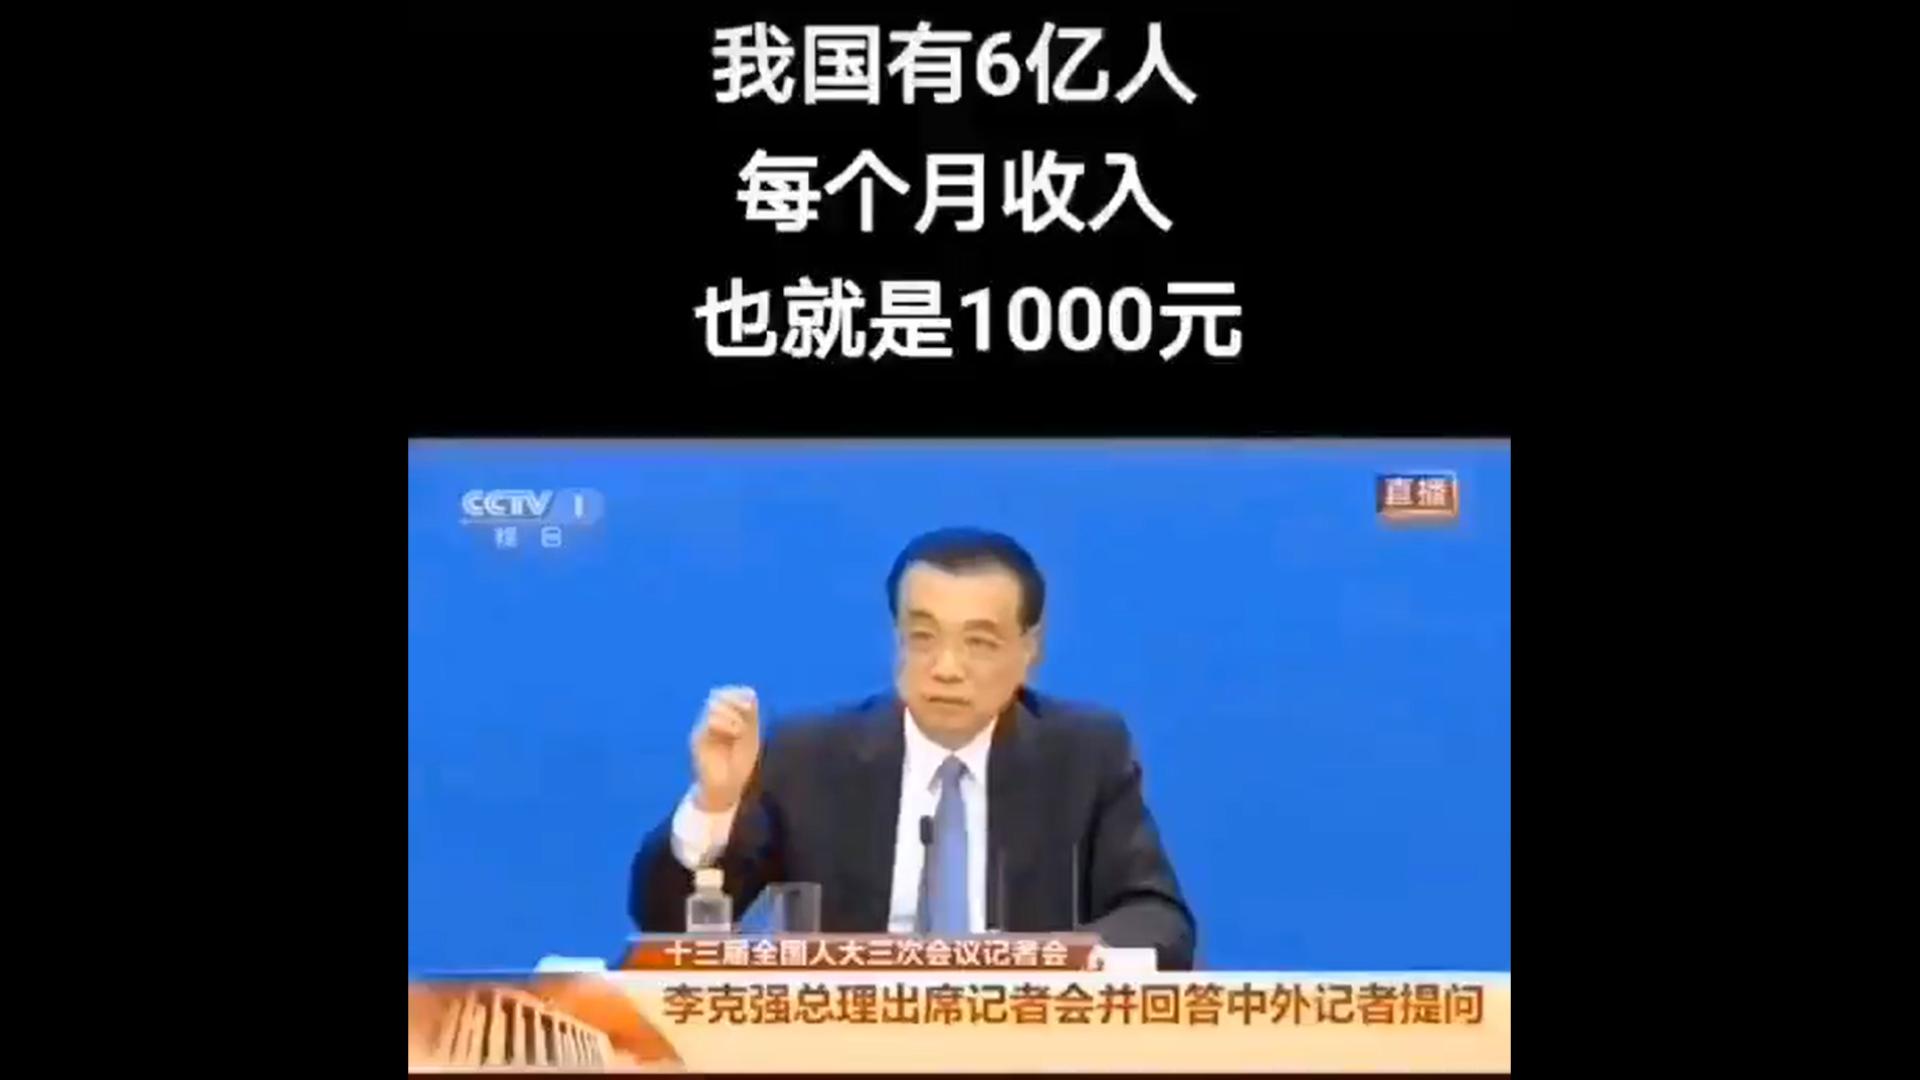 中国总理李克强说中国有六亿人月收入只有一千元人民币(推特截图)